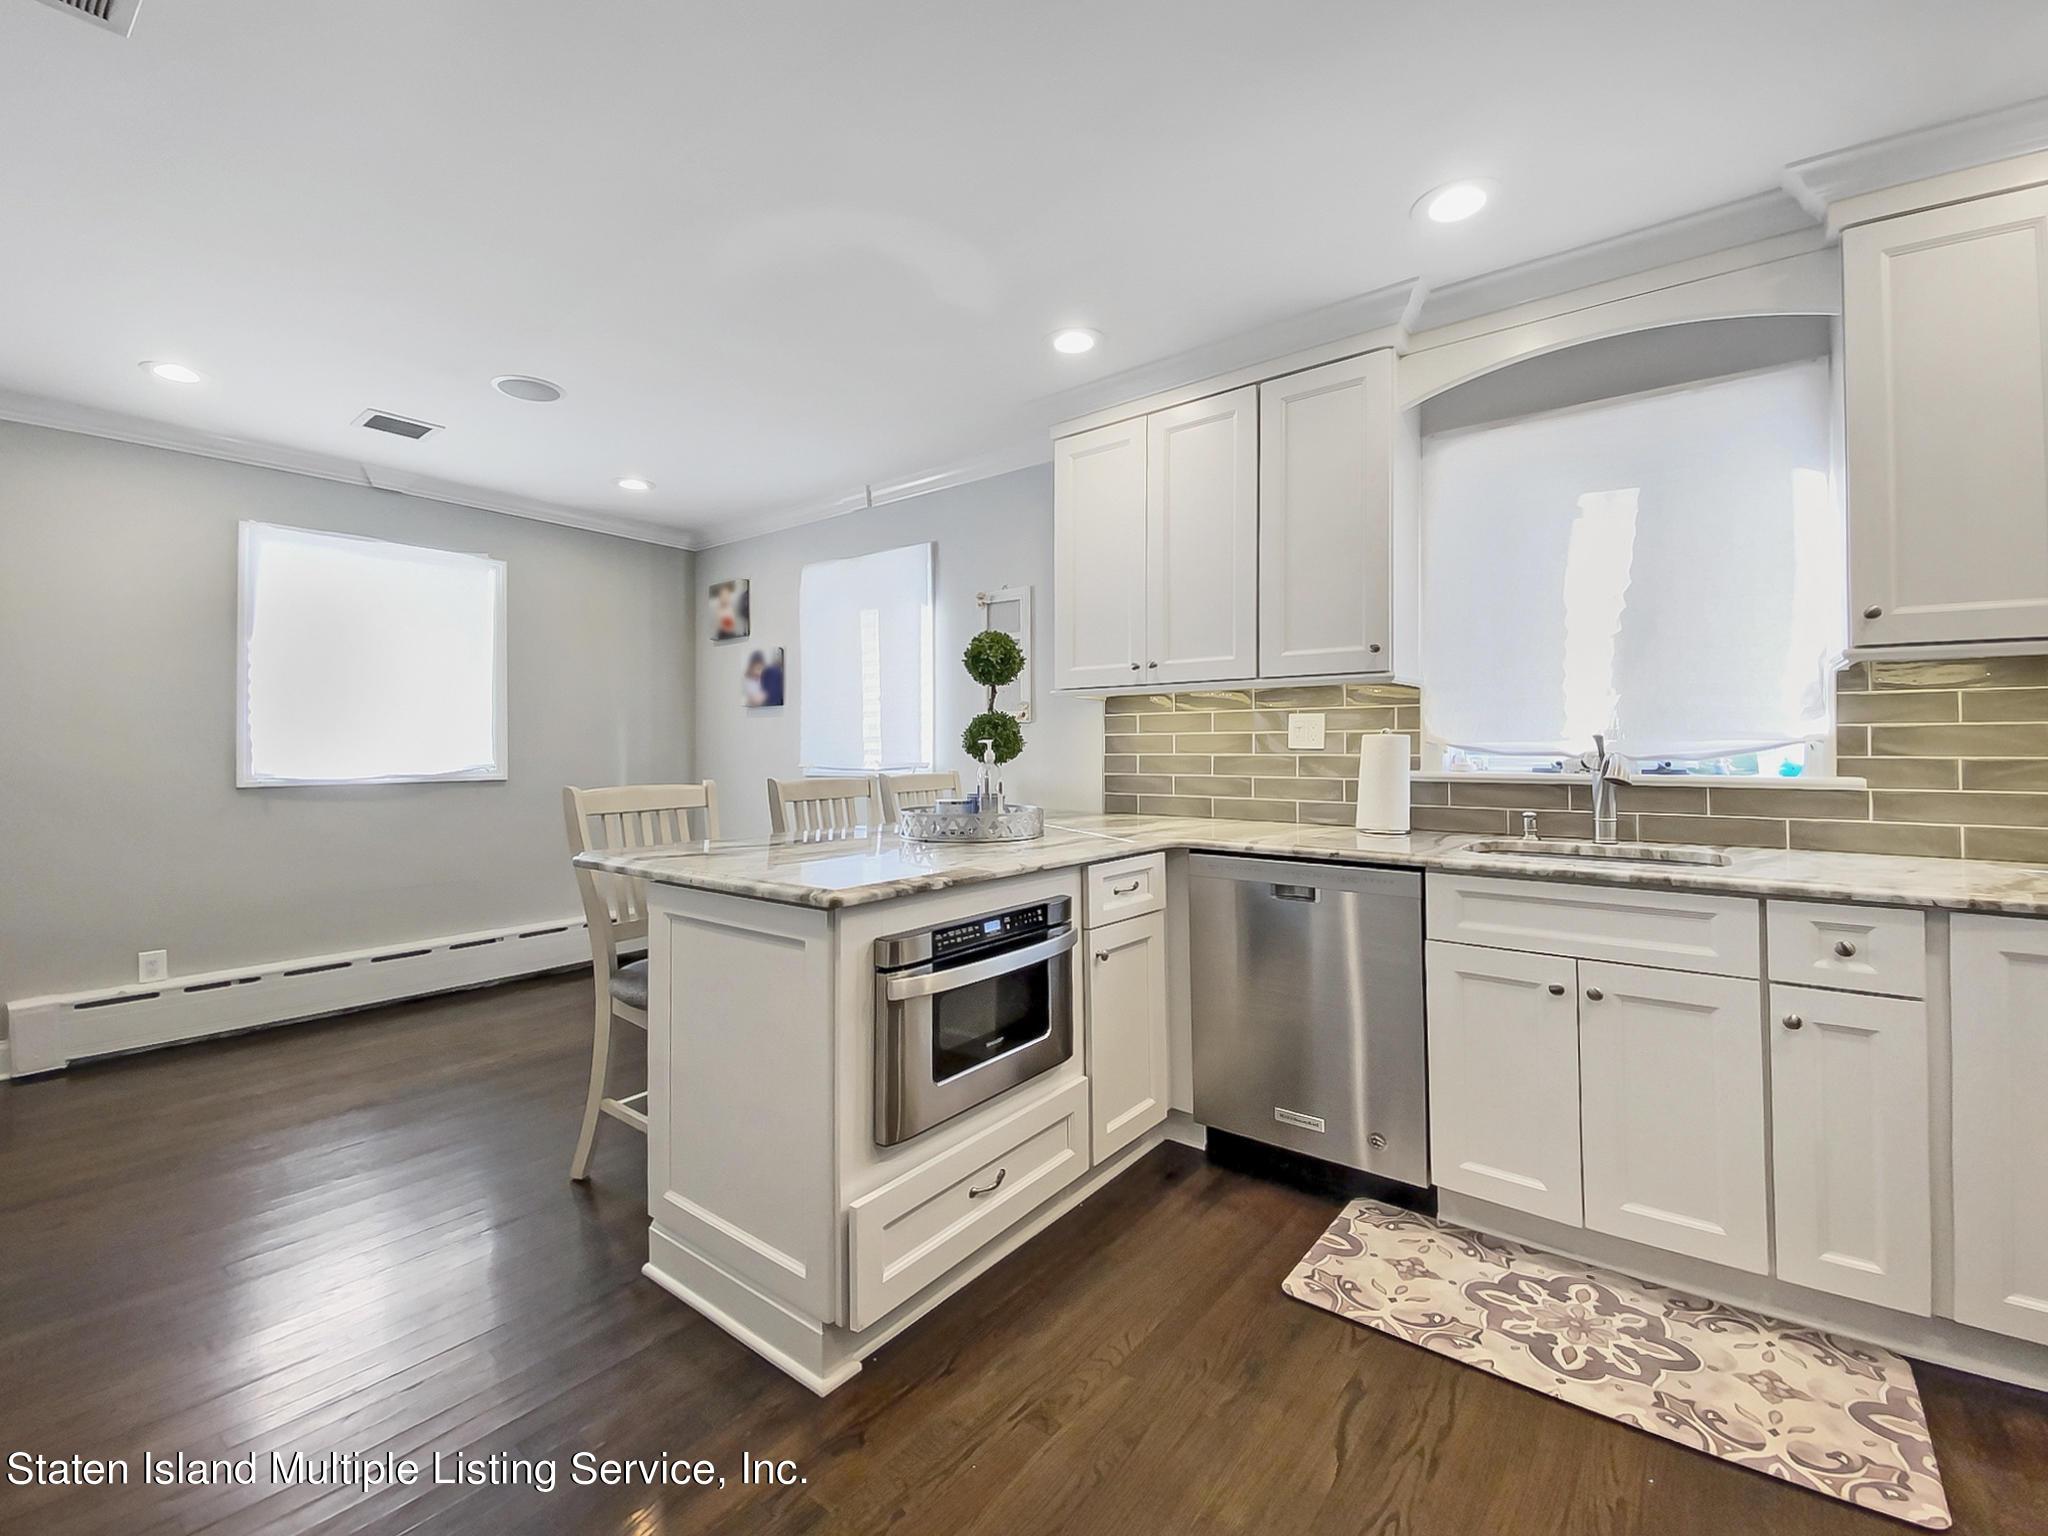 Single Family - Detached 543 Wainwright Avenue  Staten Island, NY 10312, MLS-1143141-19